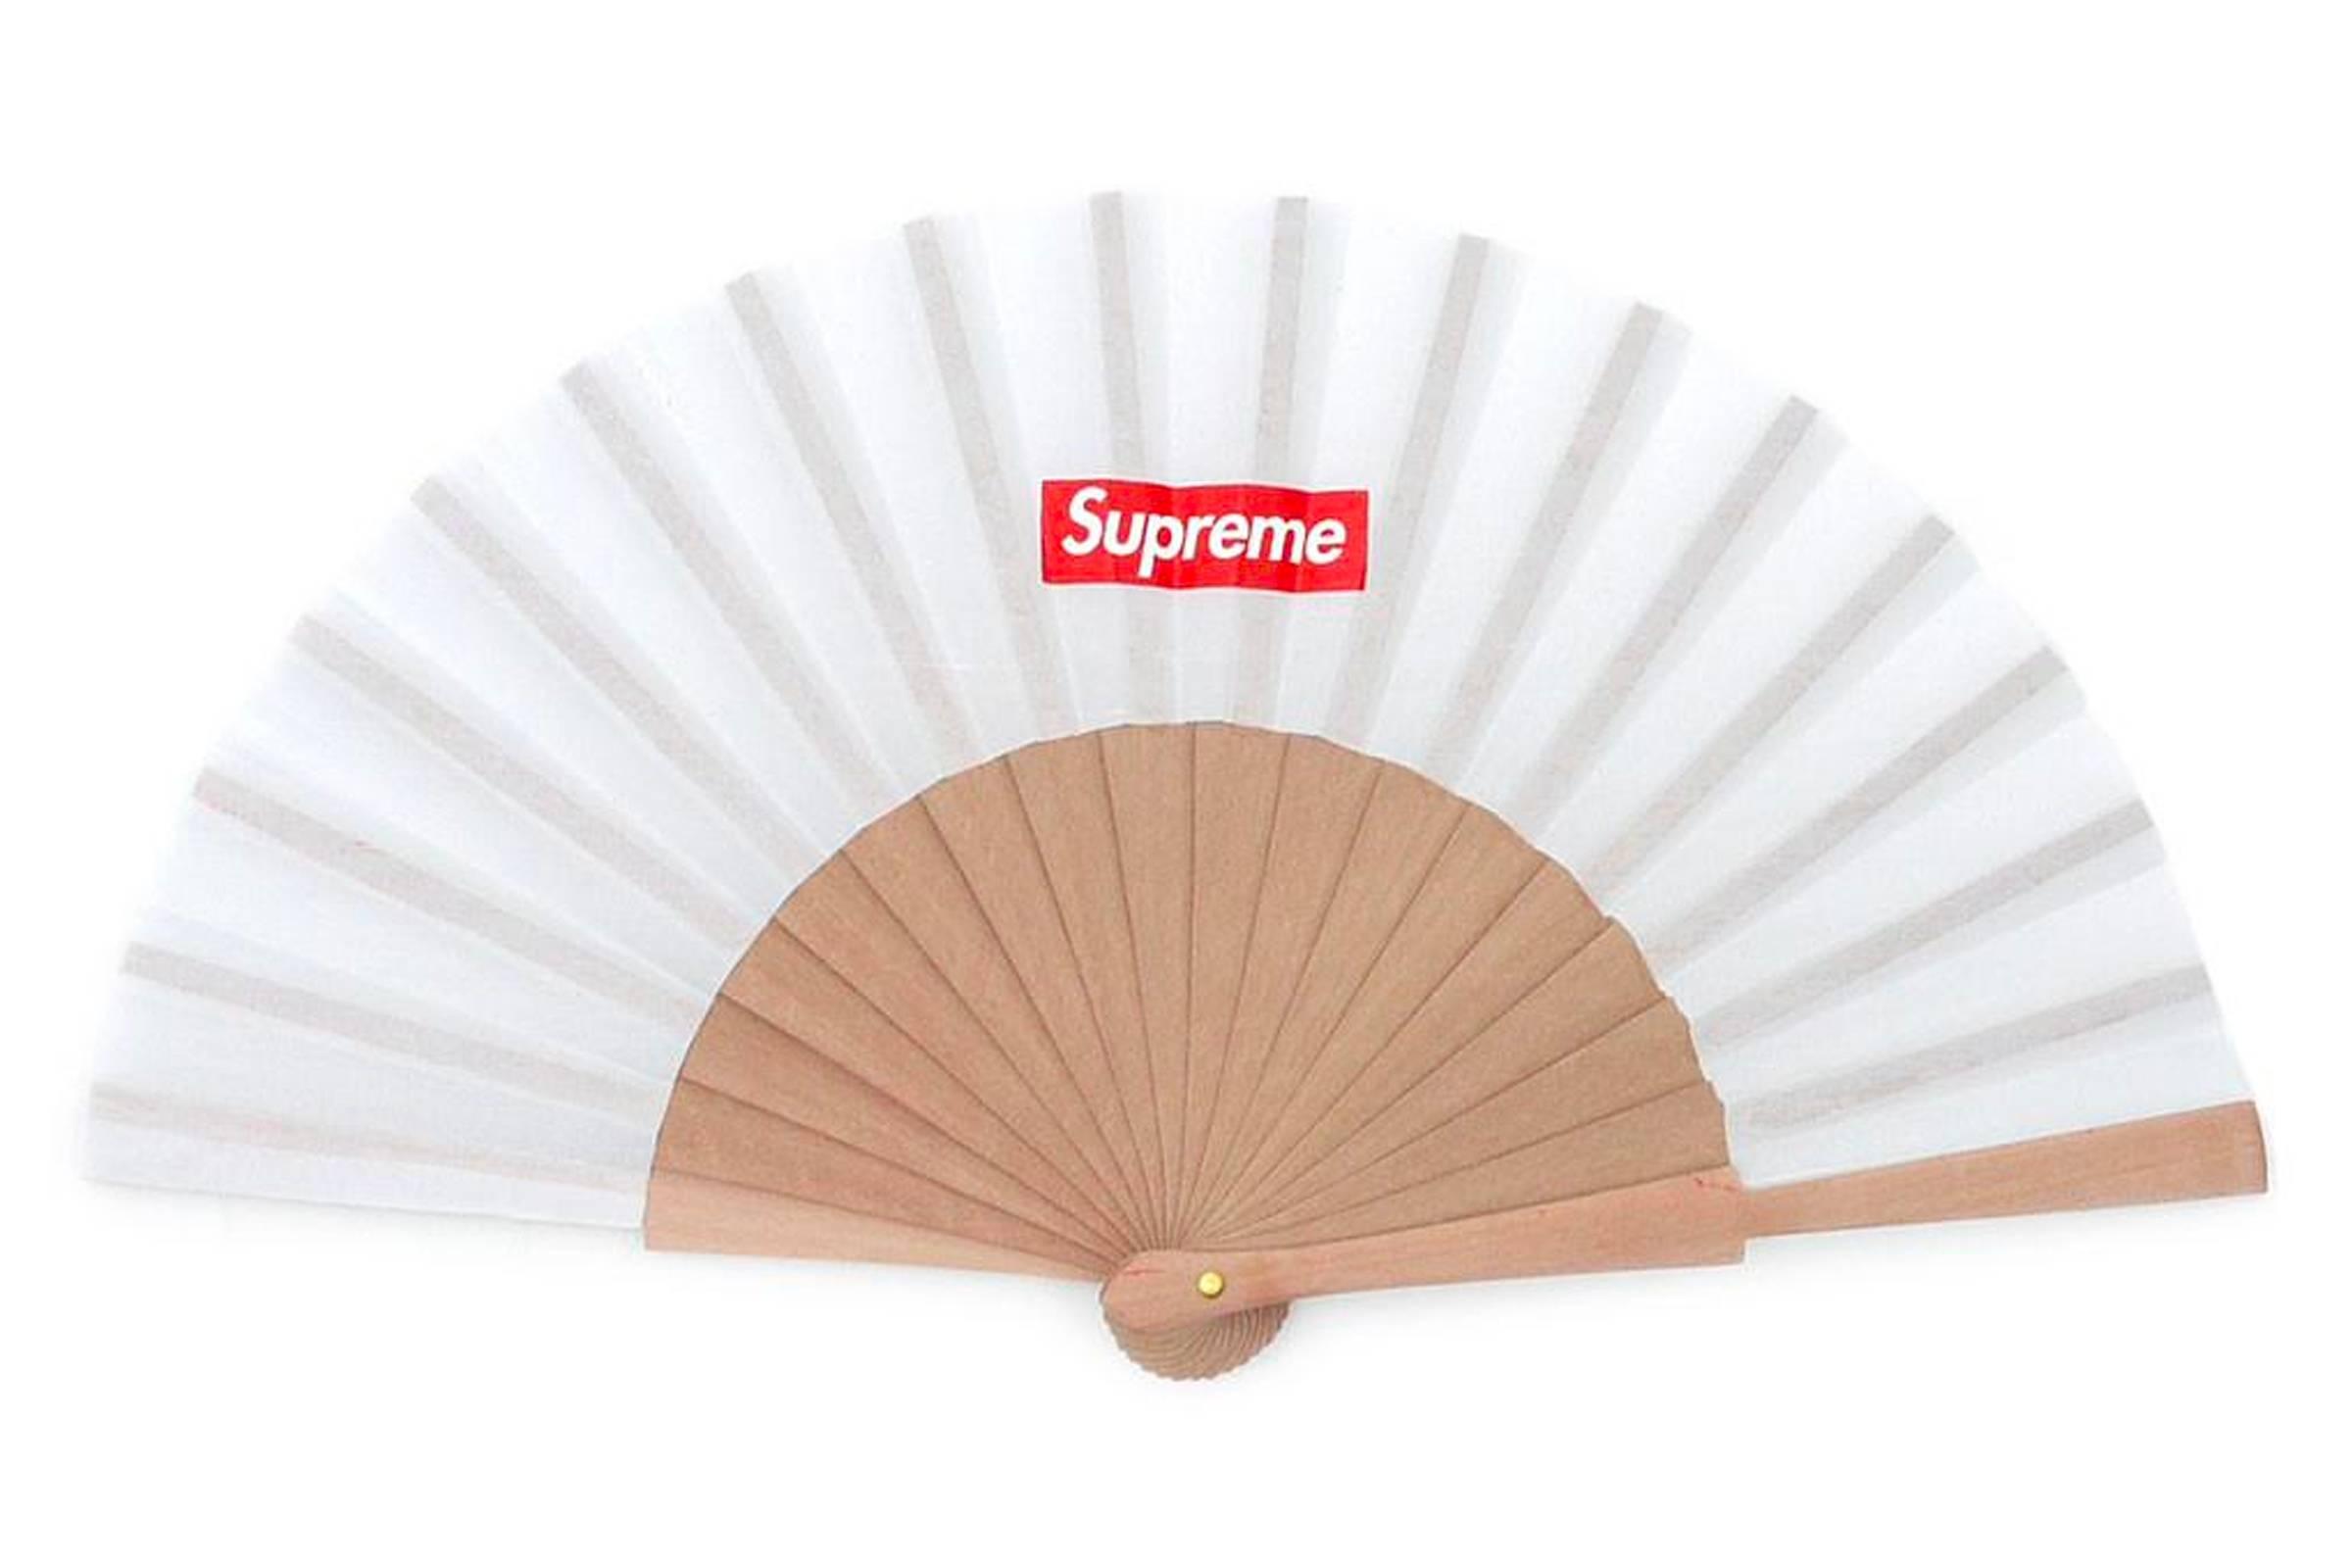 Supreme Folding Fan (Spring/Summer 2016)